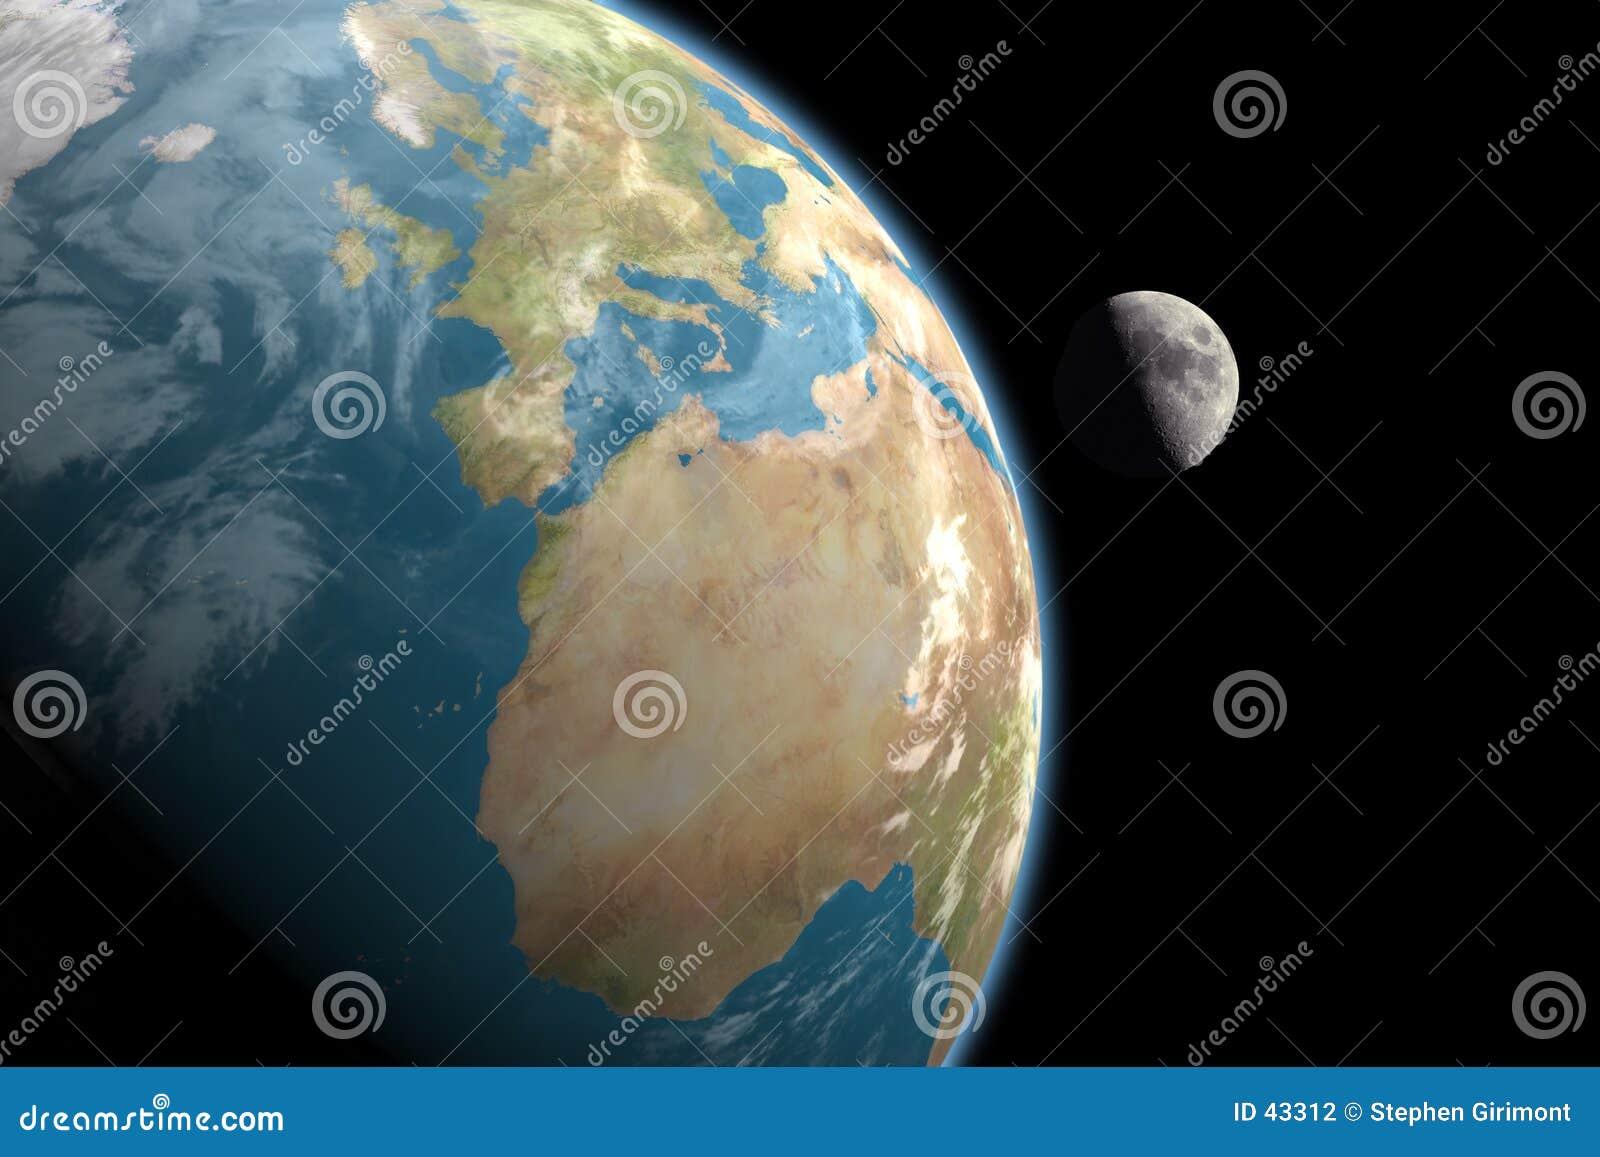 Europa, África e lua, nenhumas estrelas